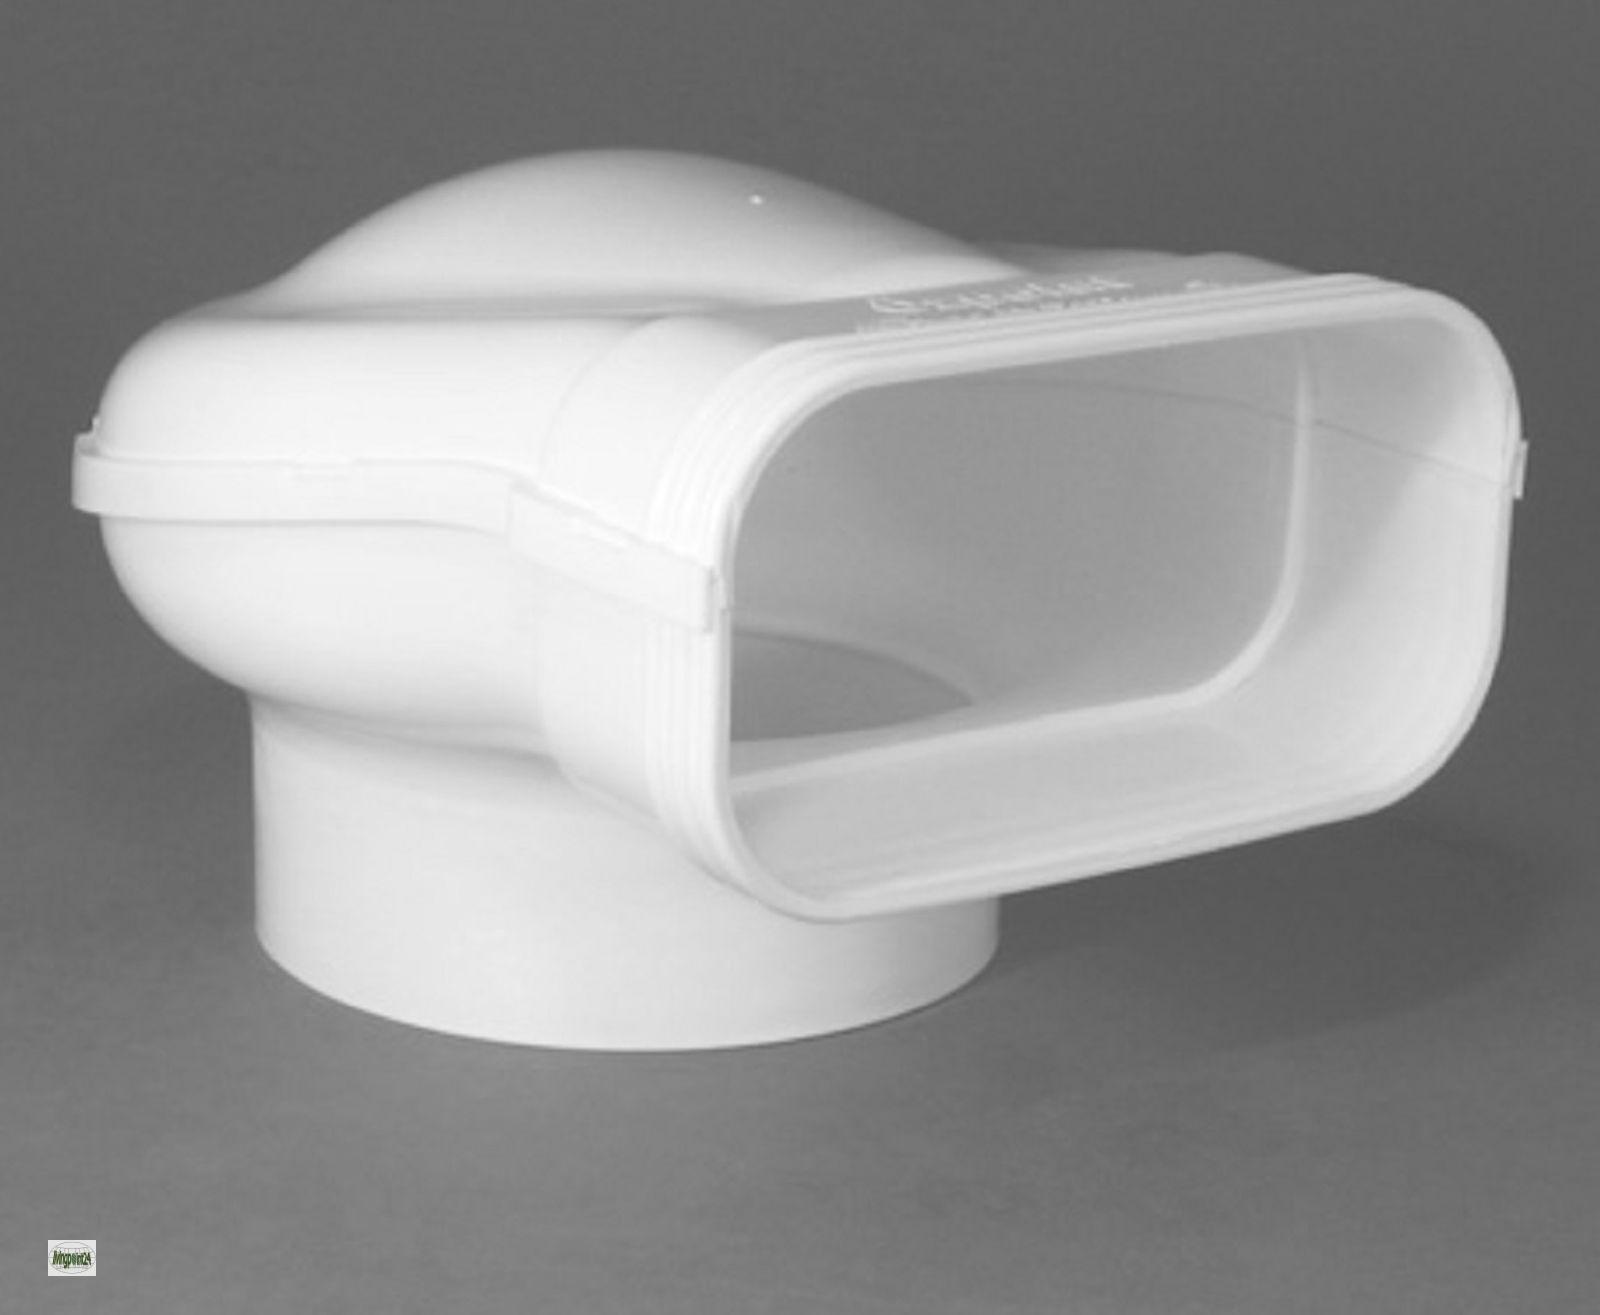 Umlenkstuck proguide flachkanal 150x70mm zu o125 for Flachkanal dunstabzug